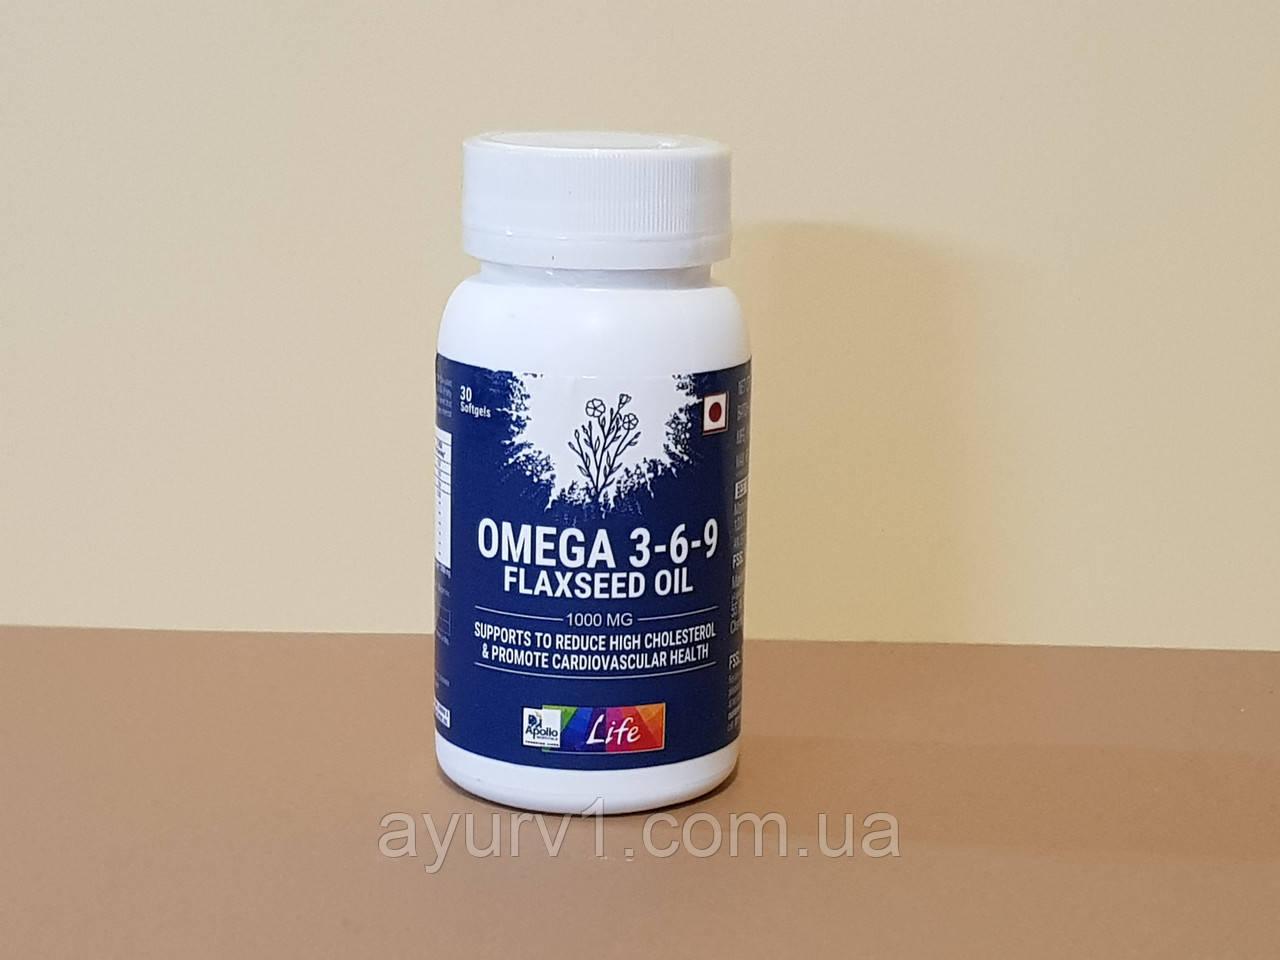 Омега 3-6-9 1000мг, Аполло / Apollo Pharmacy Omega 3-6-9 Flaxseed Oil / - 30 кап